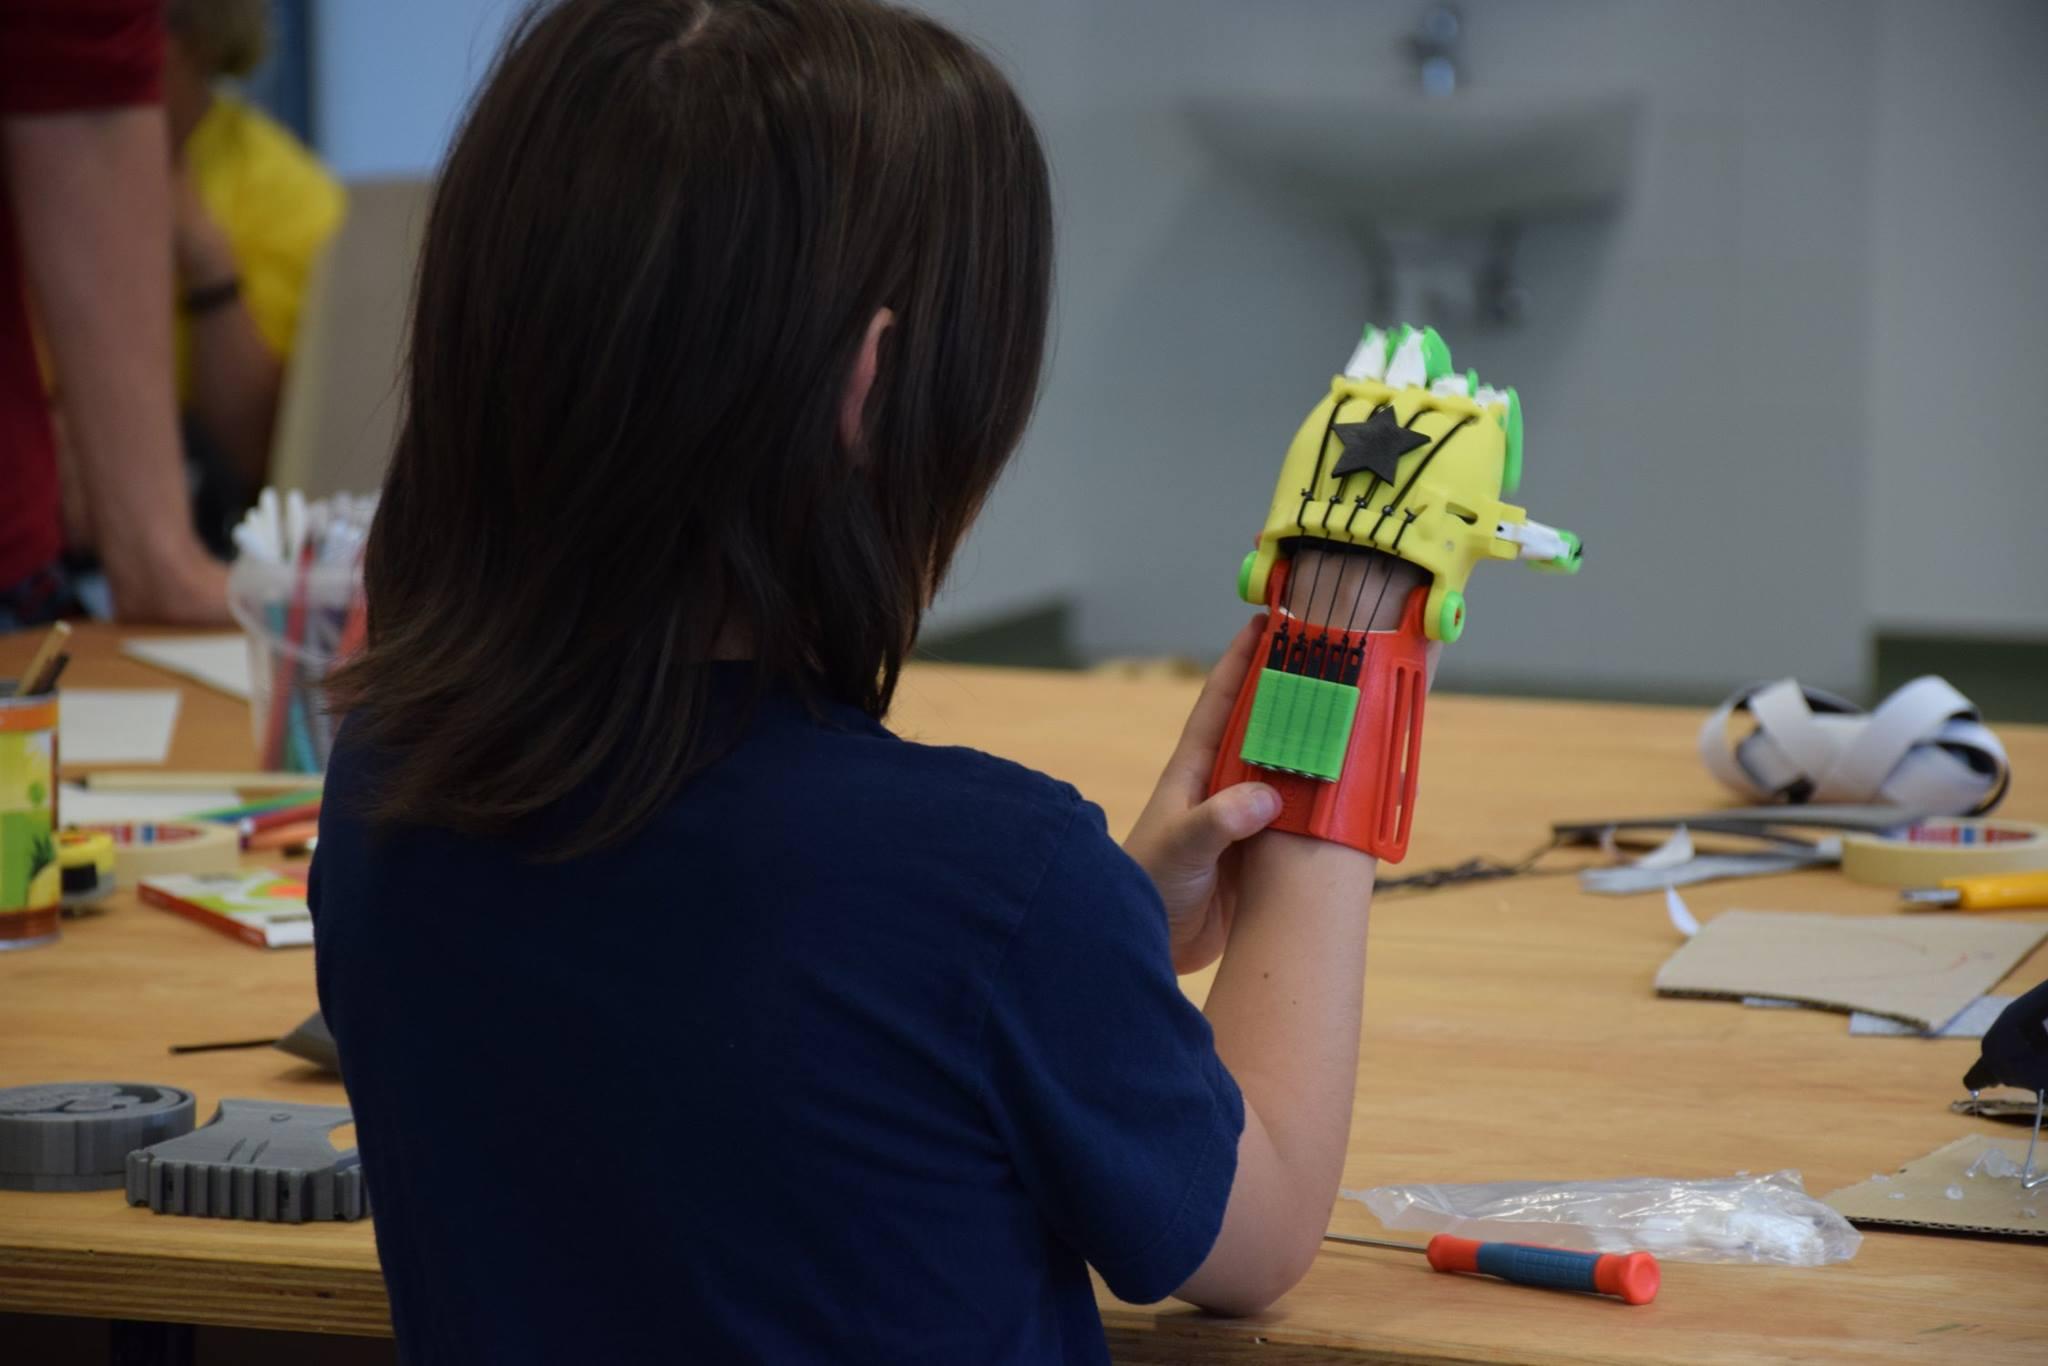 E-nable workshop, műkezek gyártása 3D nyomtatóval a nagykovácsi makerspace-ben. Forrás: makerspace.hu